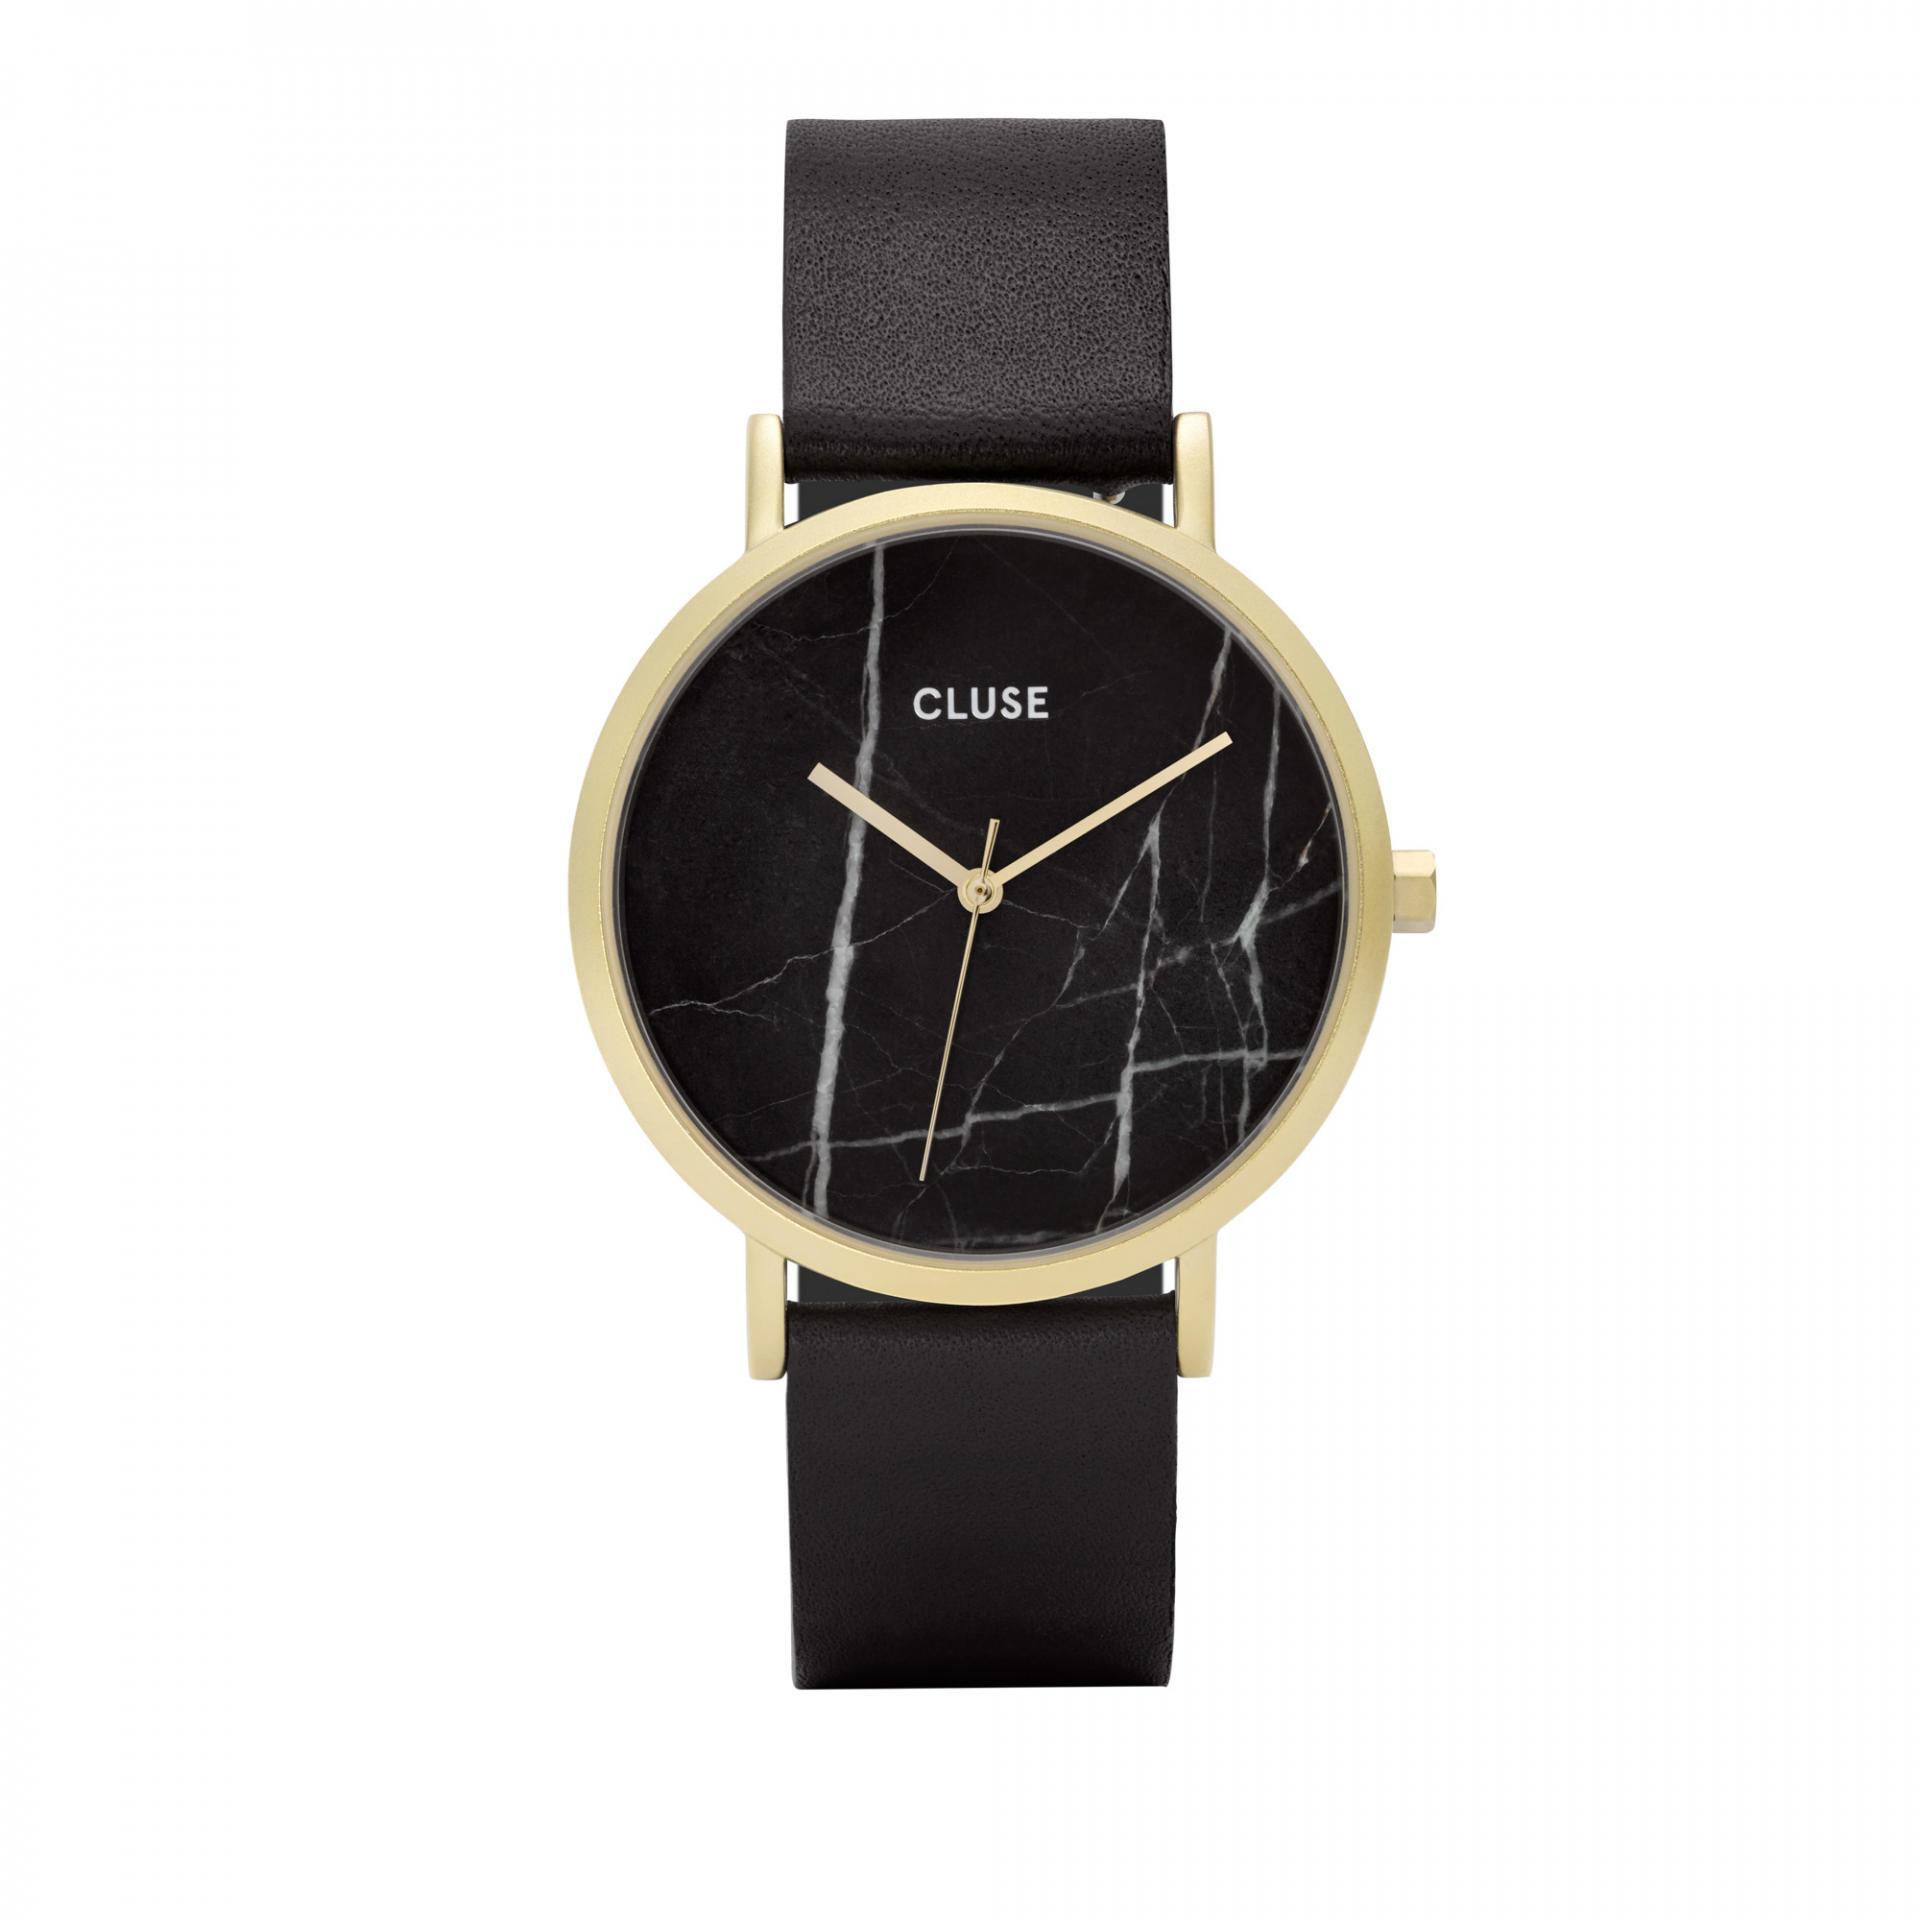 CLUSE Hodinky Cluse La Roche Gold/black Marble, černá barva, zlatá barva, kůže, mramor